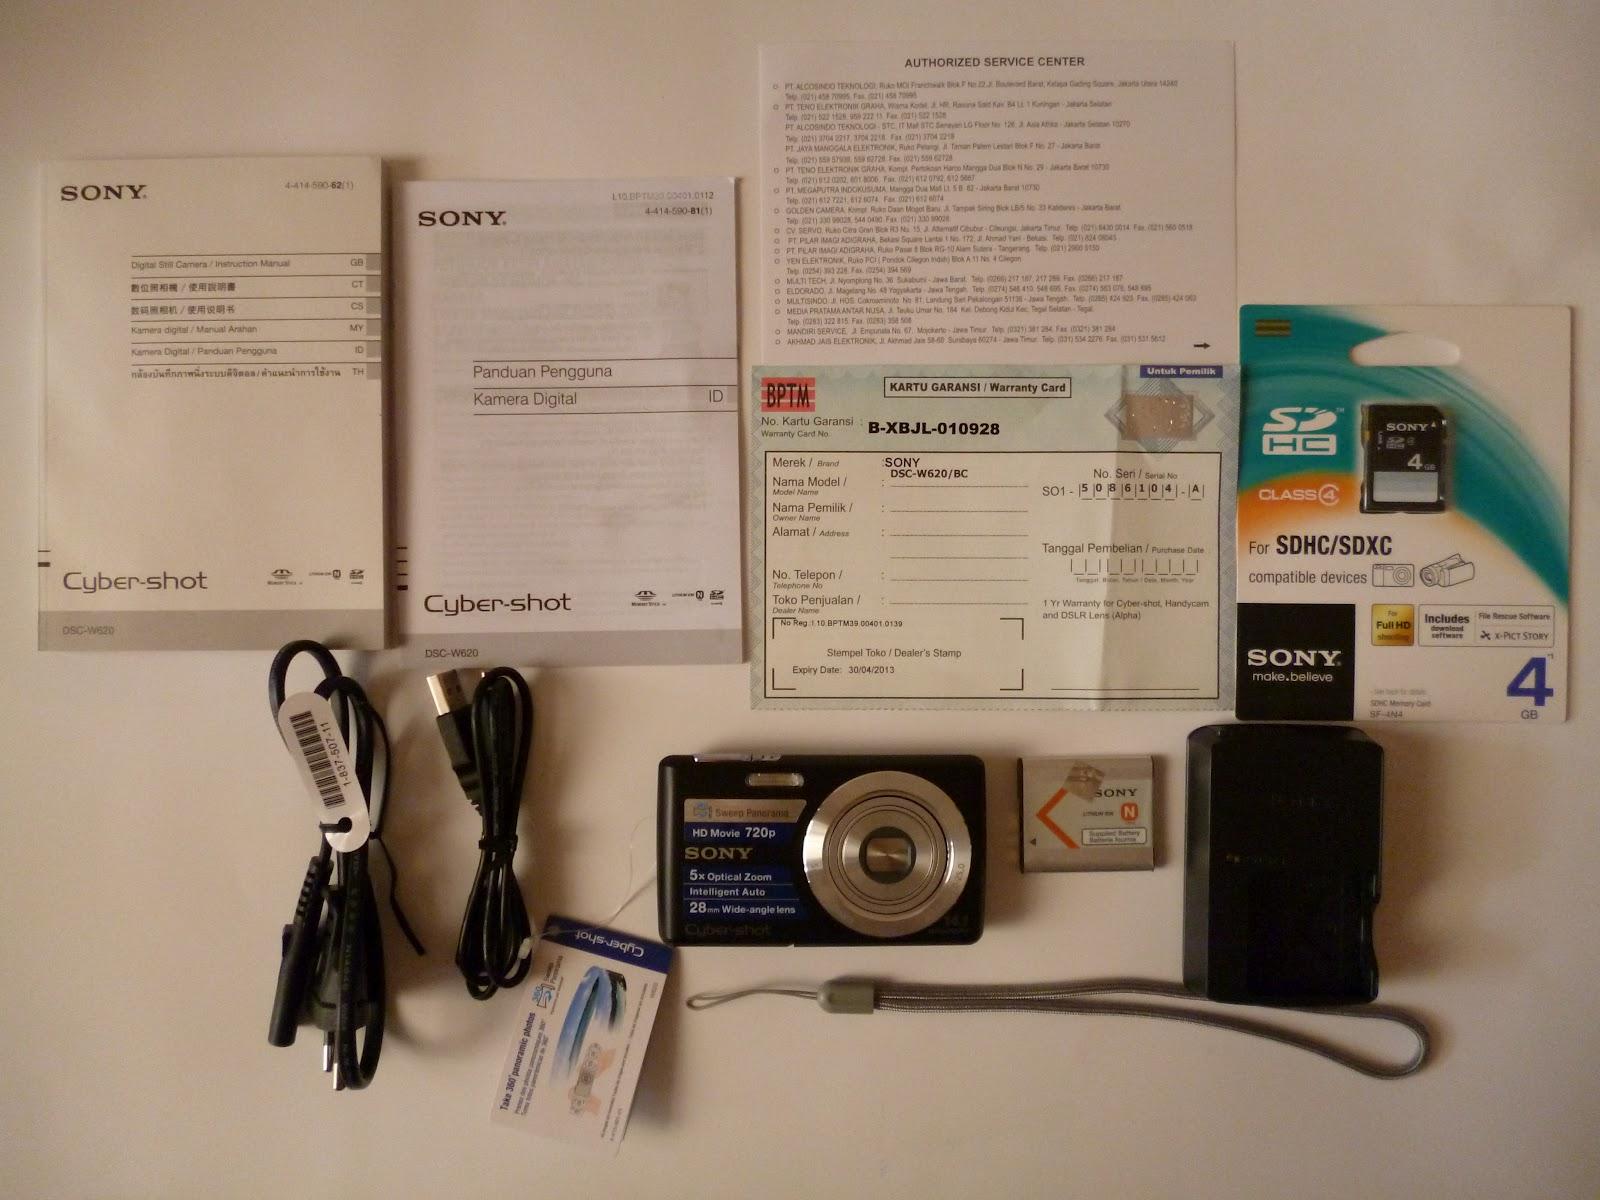 Sony cyber shot dsc w620 user manual.